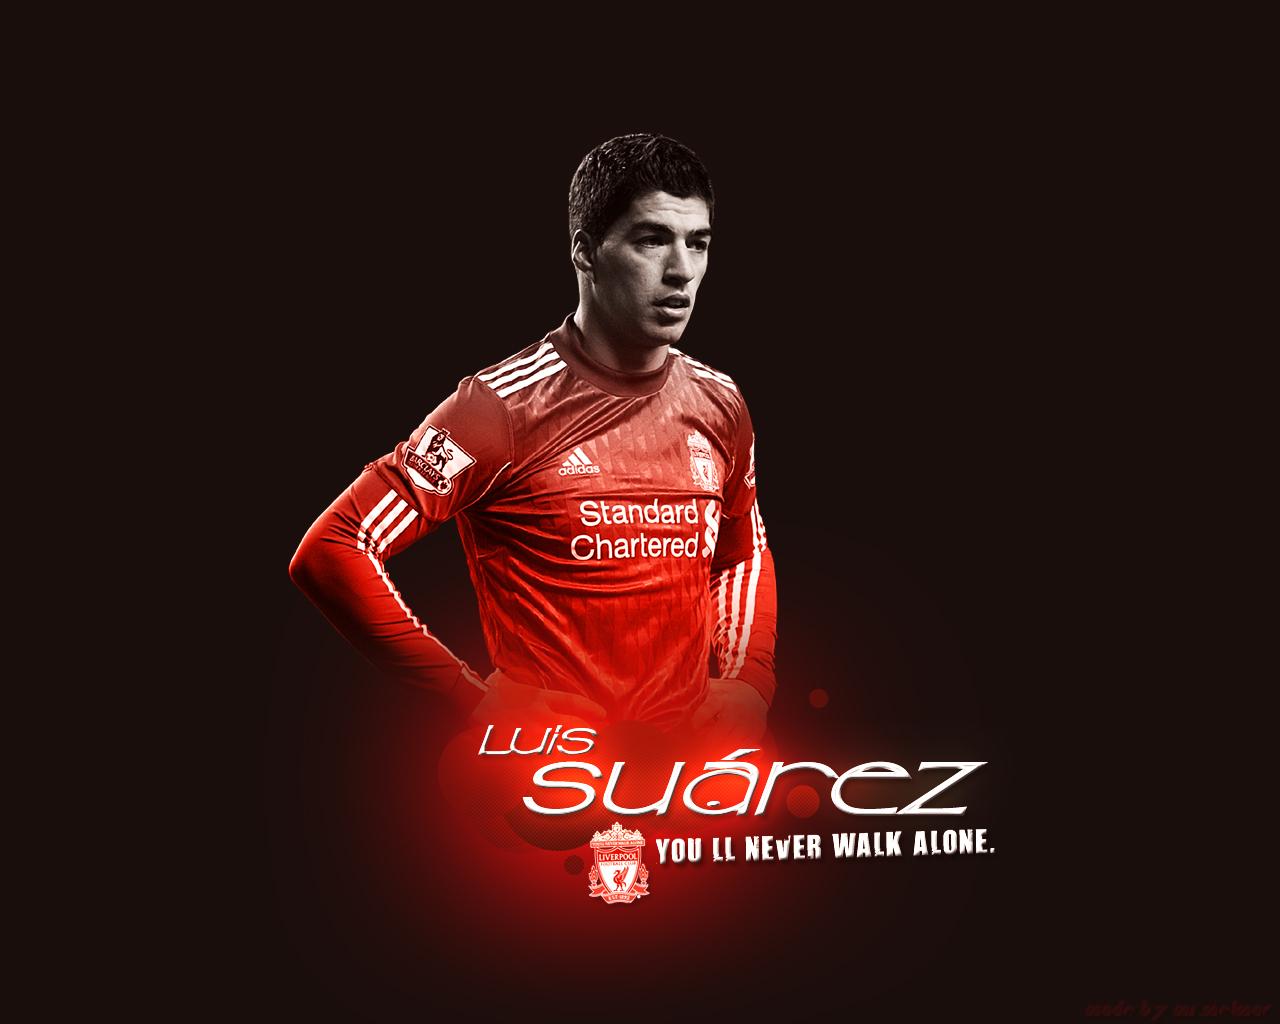 Luis Surez desktop image Liverpool wallpapers 1280x1024